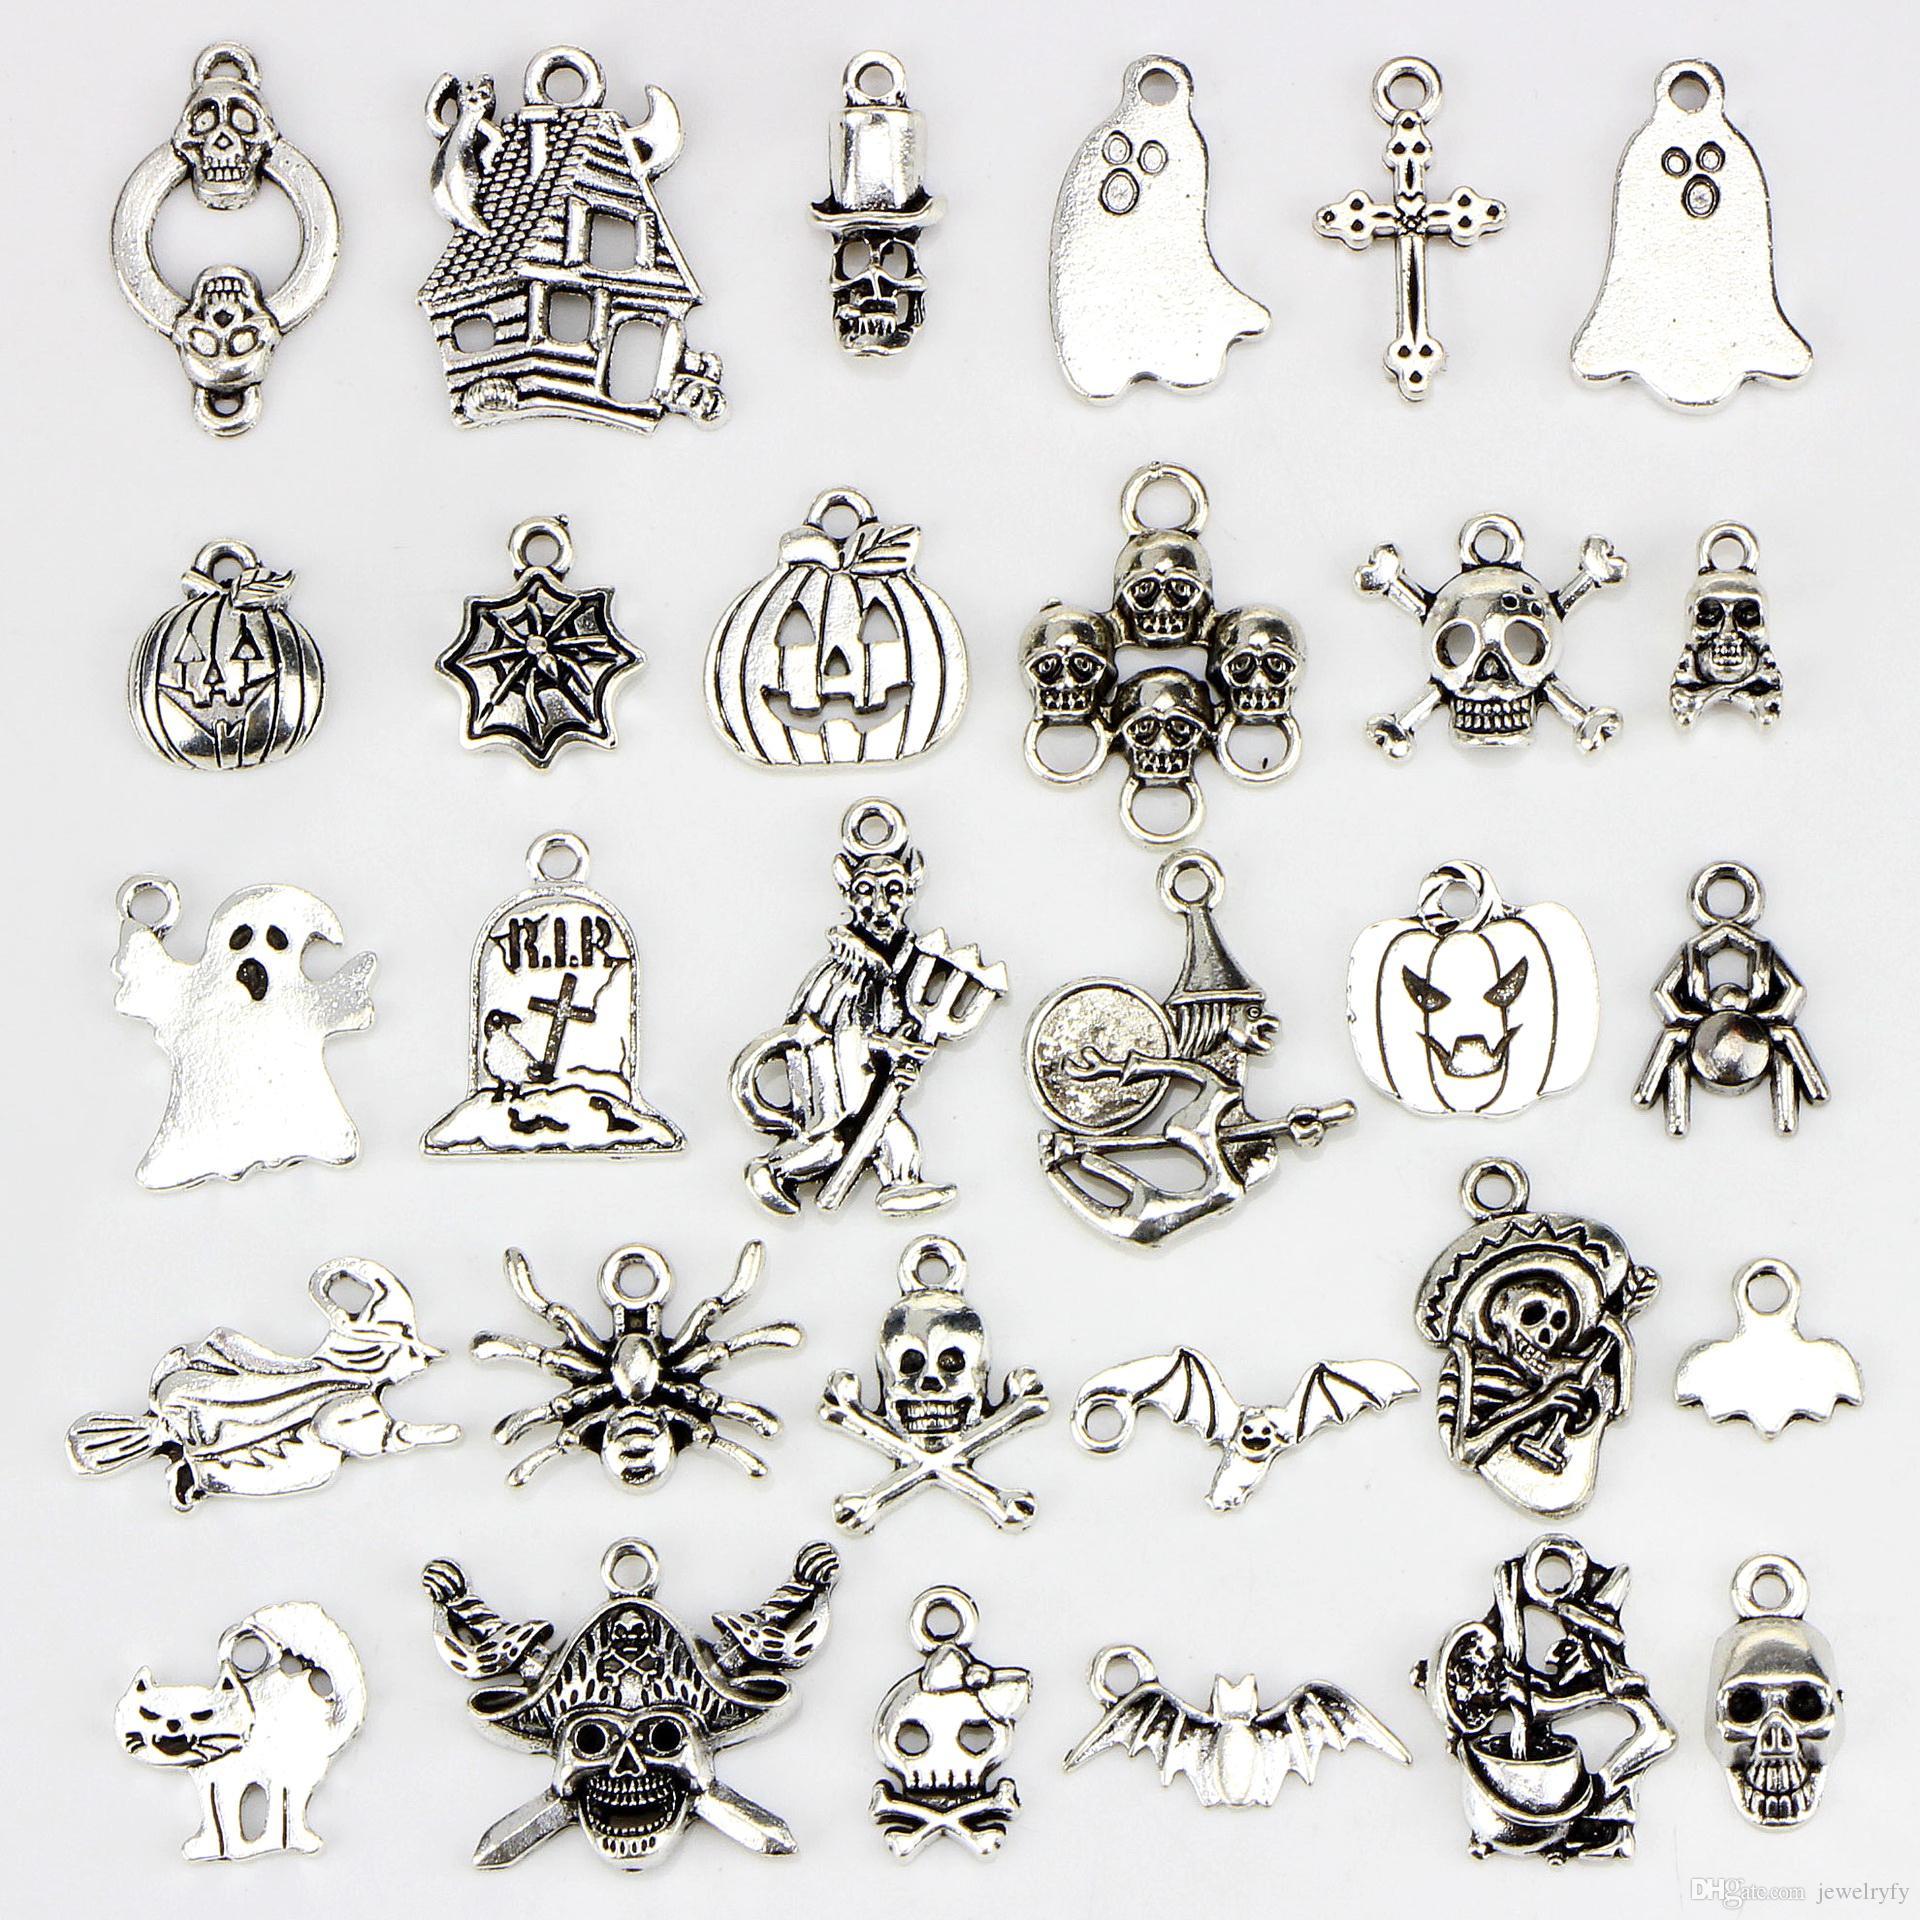 혼합 30 디자인 해골 박쥐 뼈대 거미 유령 호박 랜턴 마법사 고양이 할로윈 펜던트의 매력 DIY 목걸이 팔찌 쥬얼리 액세서리